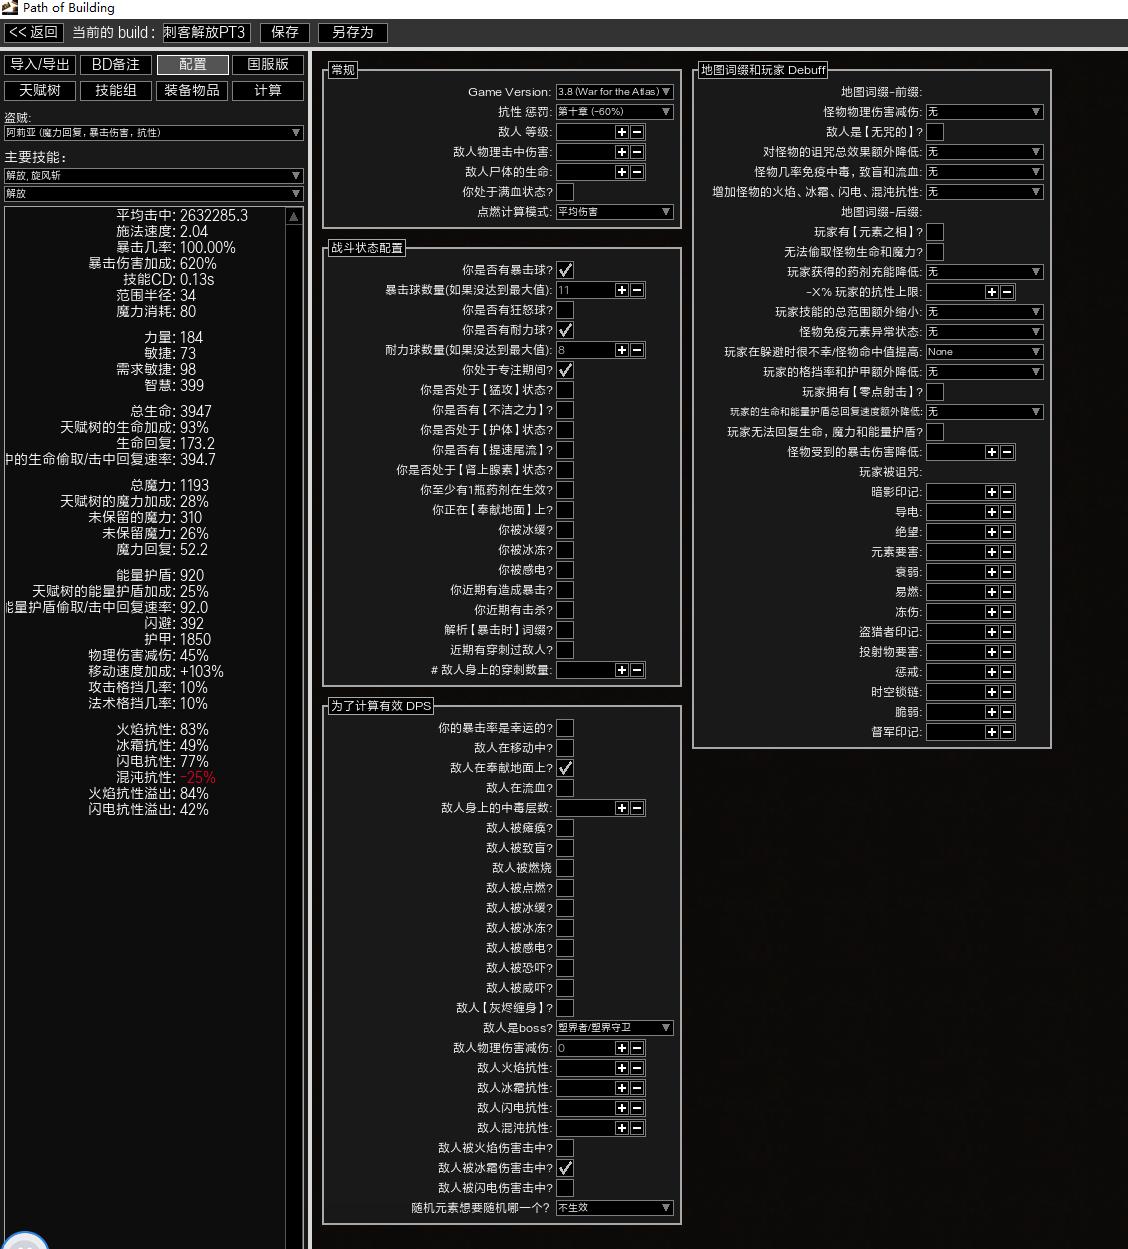 《流放之路》S9刺客正火旋解开荒BD攻略